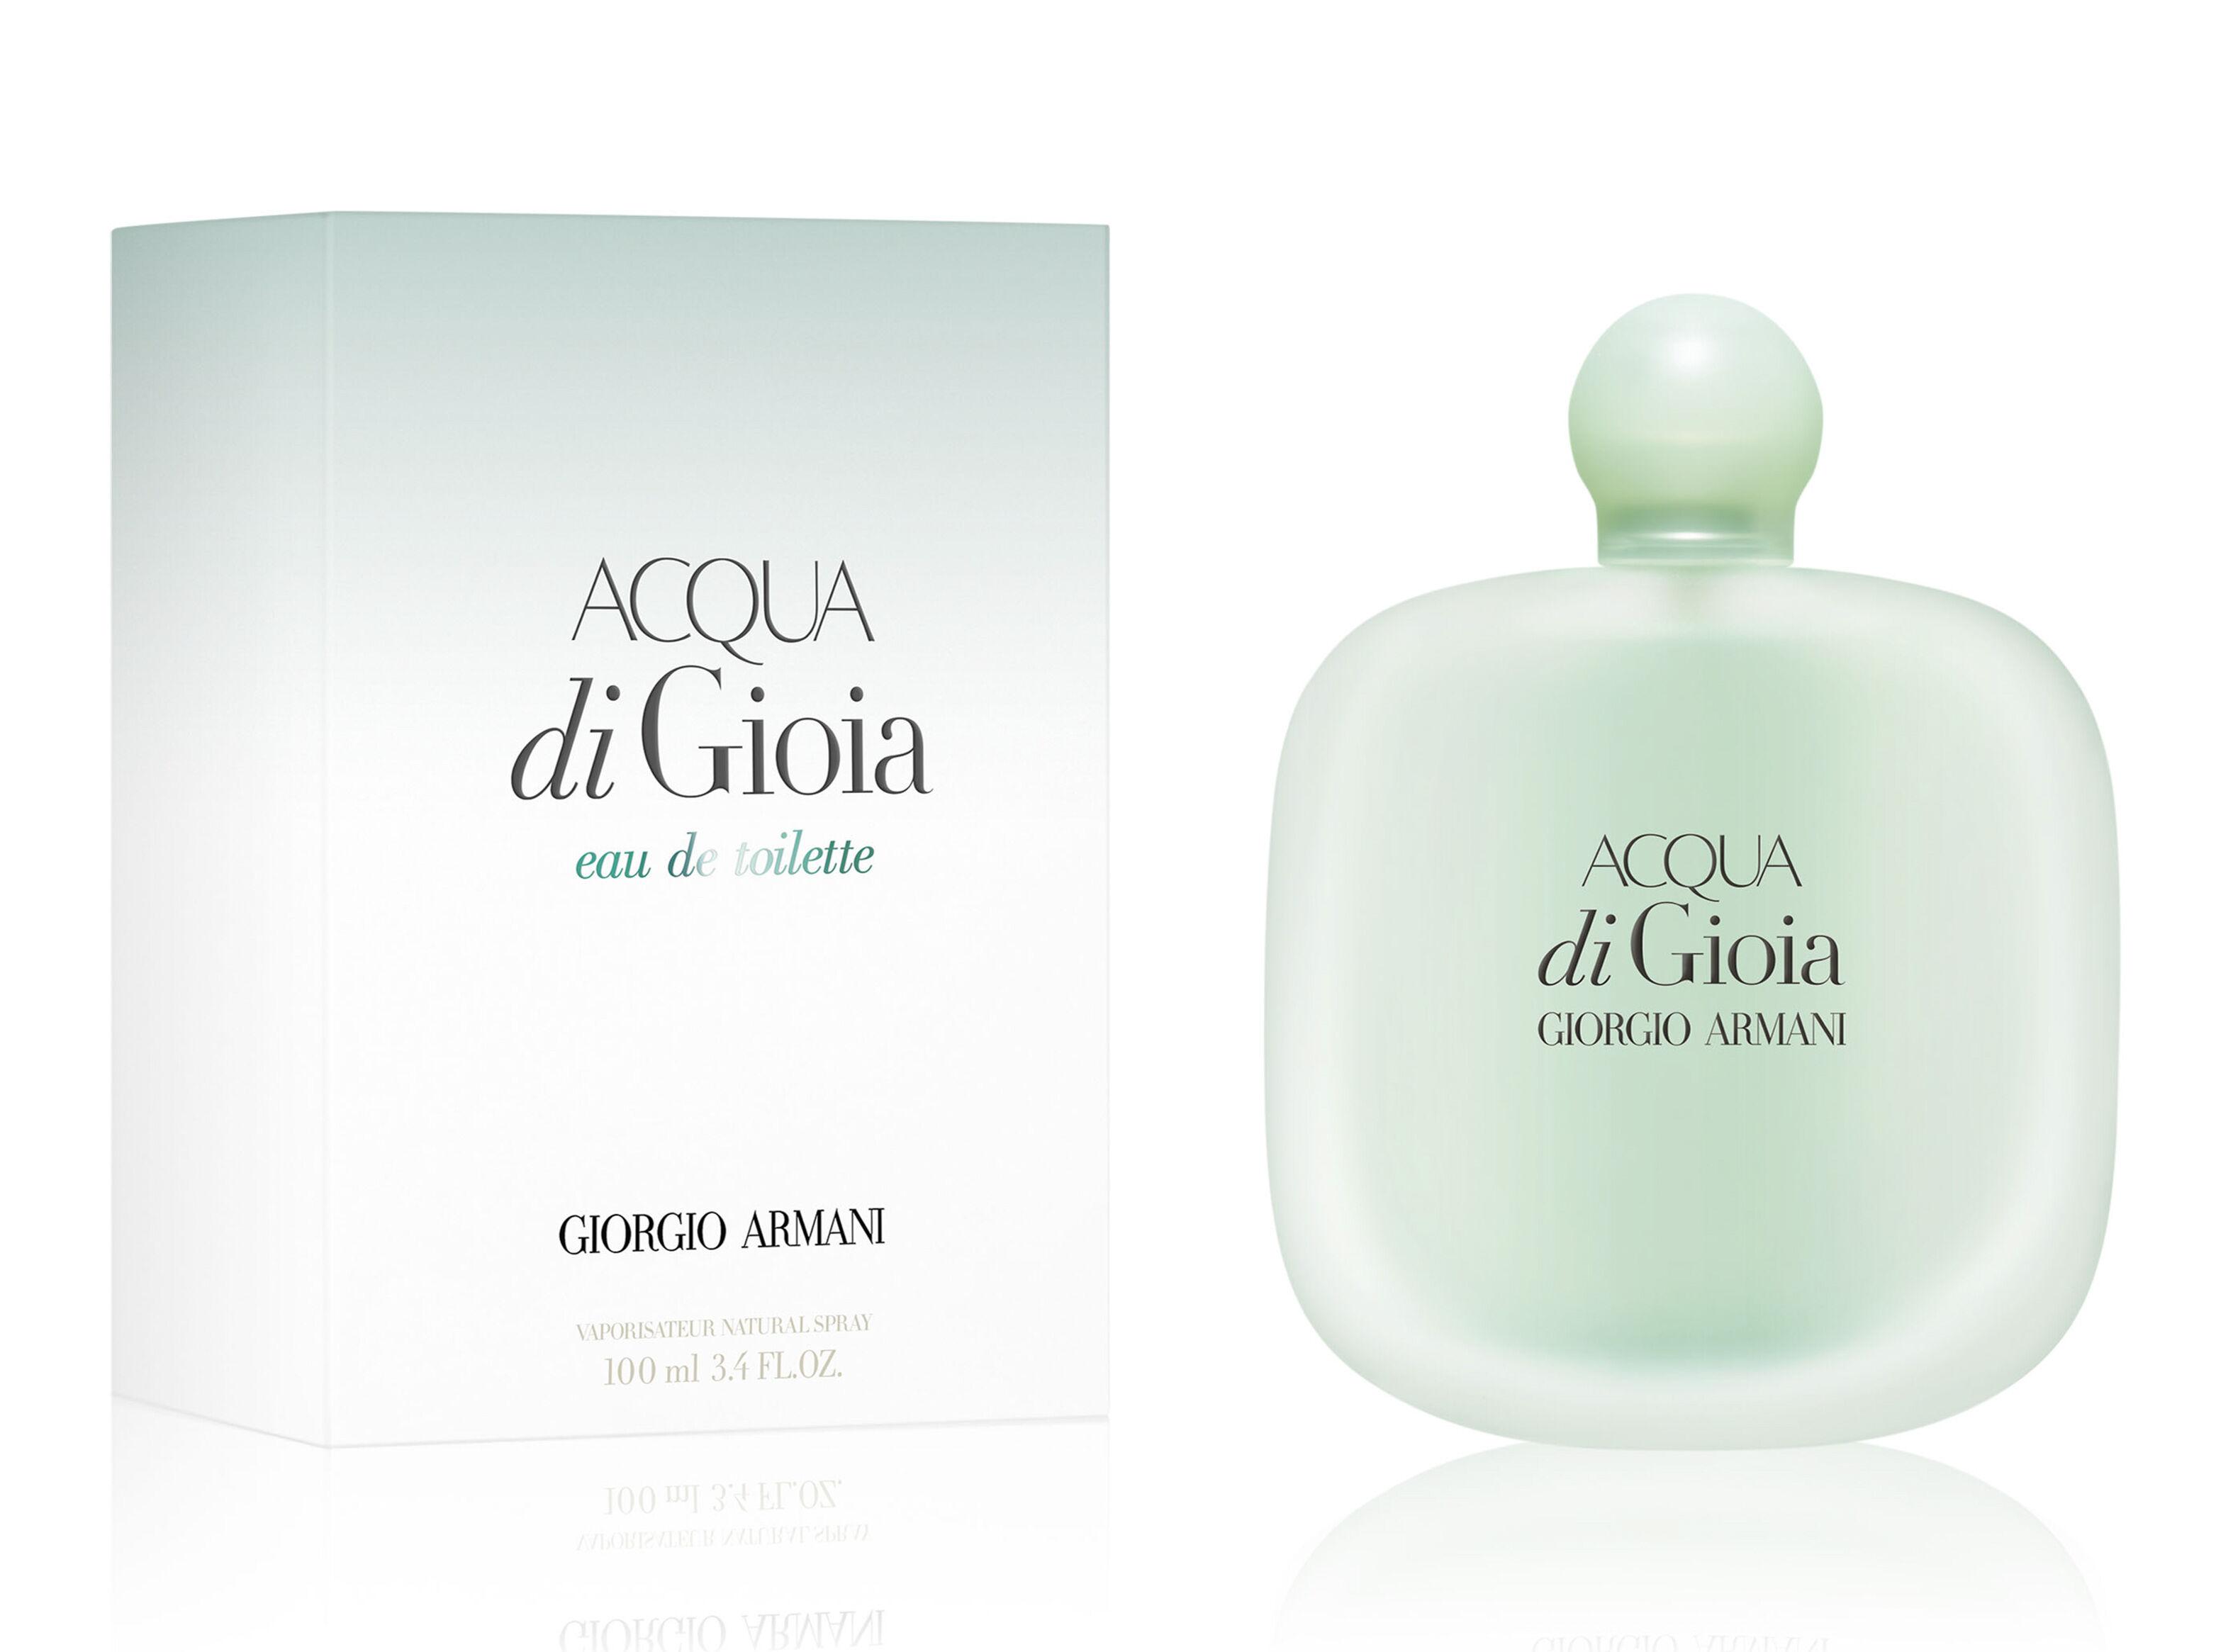 Armani Di Perfume 100 Acqua Giorgio Edt Gioia Ml pqSMVUGz